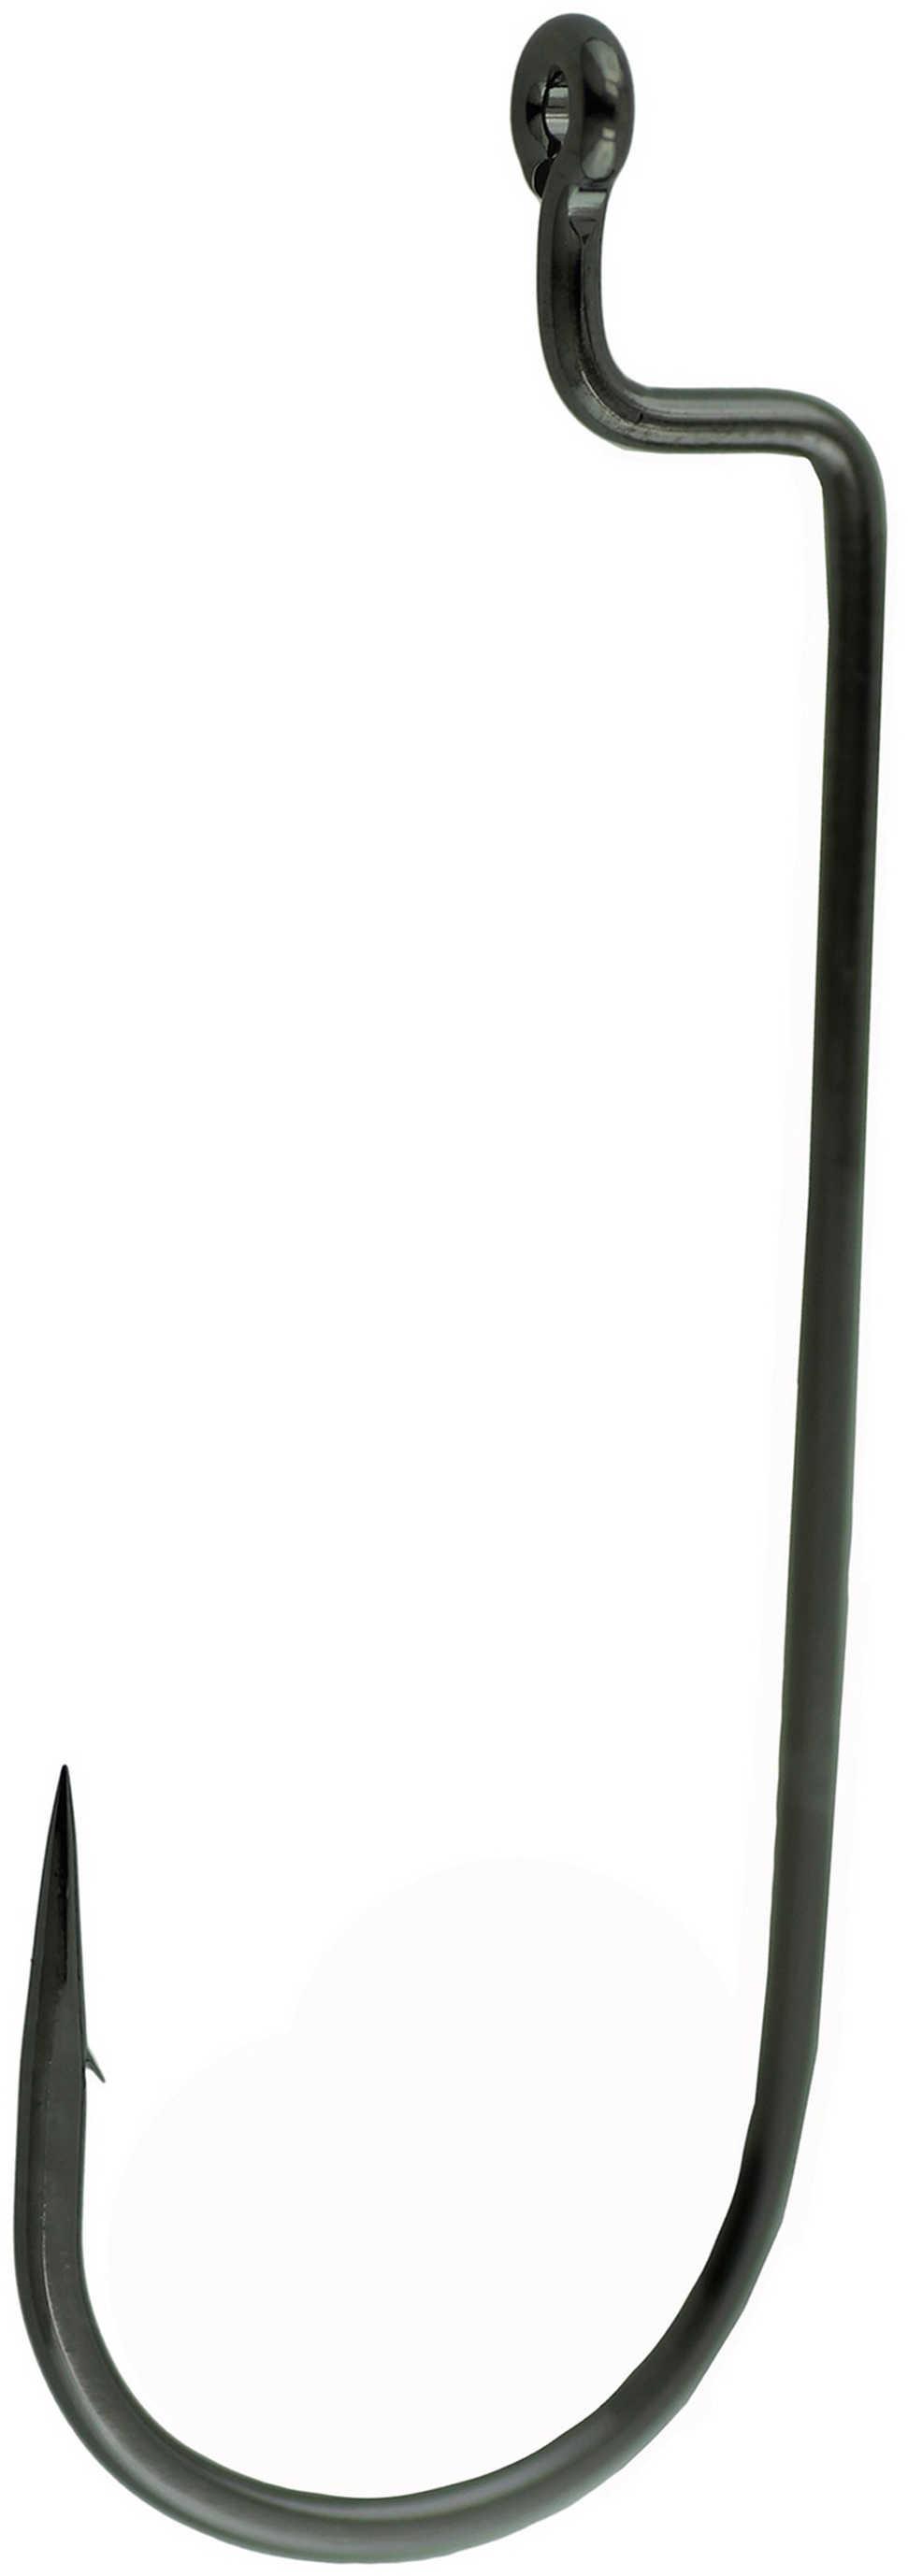 Gamakatsu / Spro Gamakatsu Worm Hook Wide Black Offset 3/0 Md#: 54413